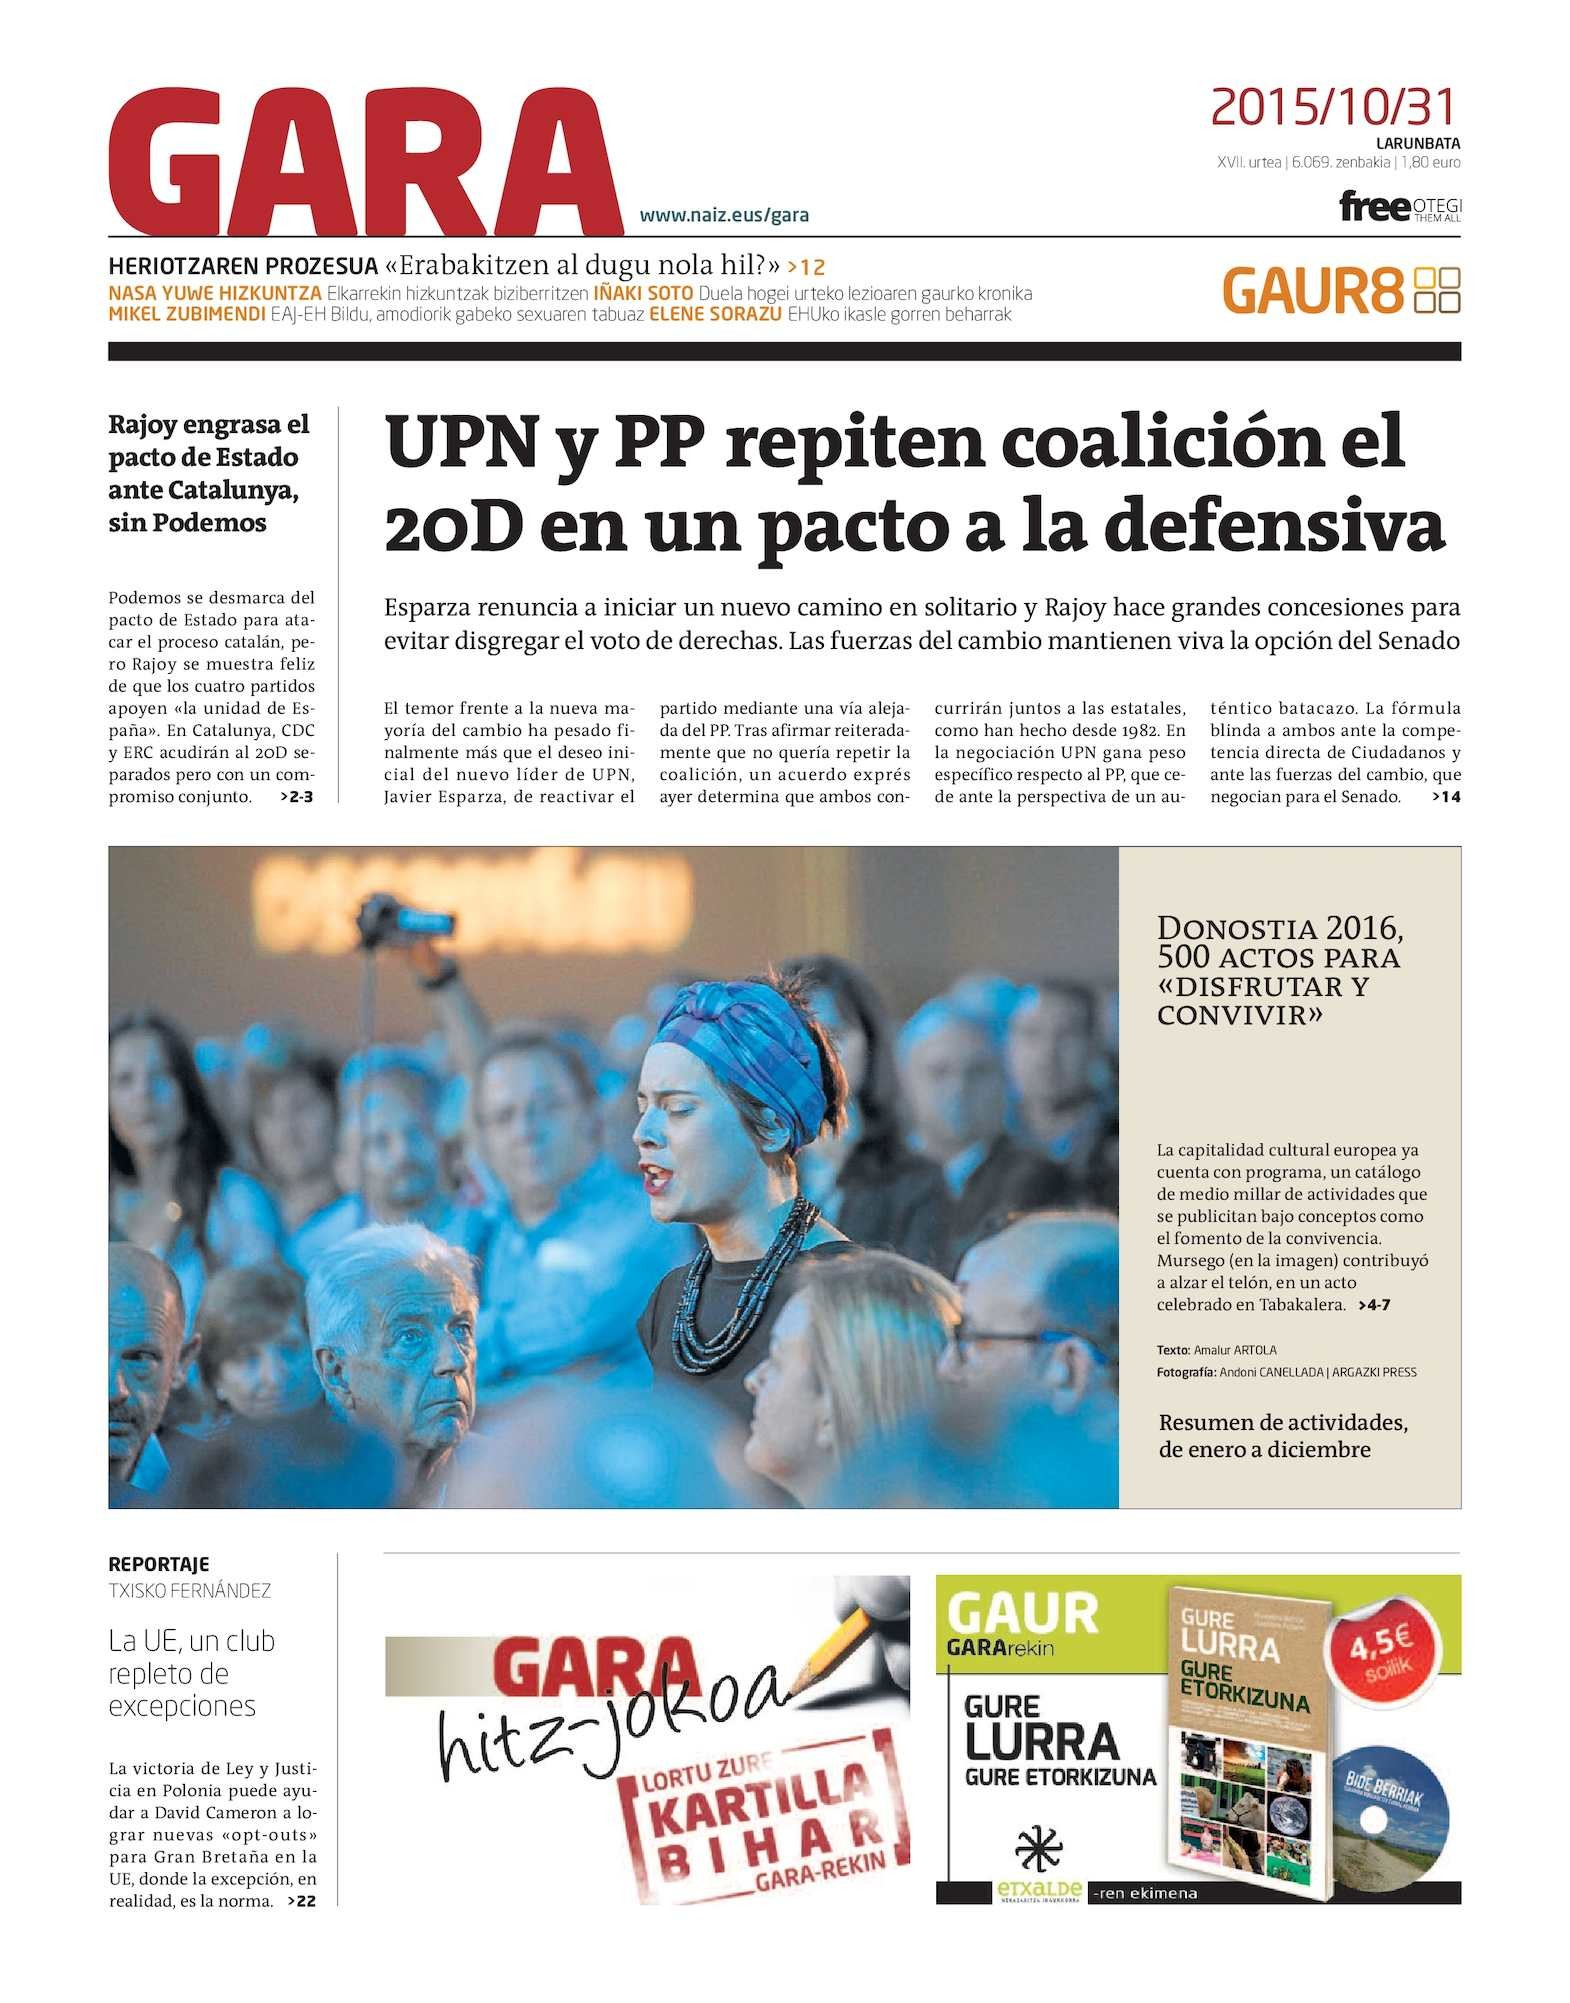 Calendario Escolar 2019 19 Canarias Para Imprimir Más Recientes Calaméo Gara Of Calendario Escolar 2019 19 Canarias Para Imprimir Más Caliente 10 06 15 Em Pdf